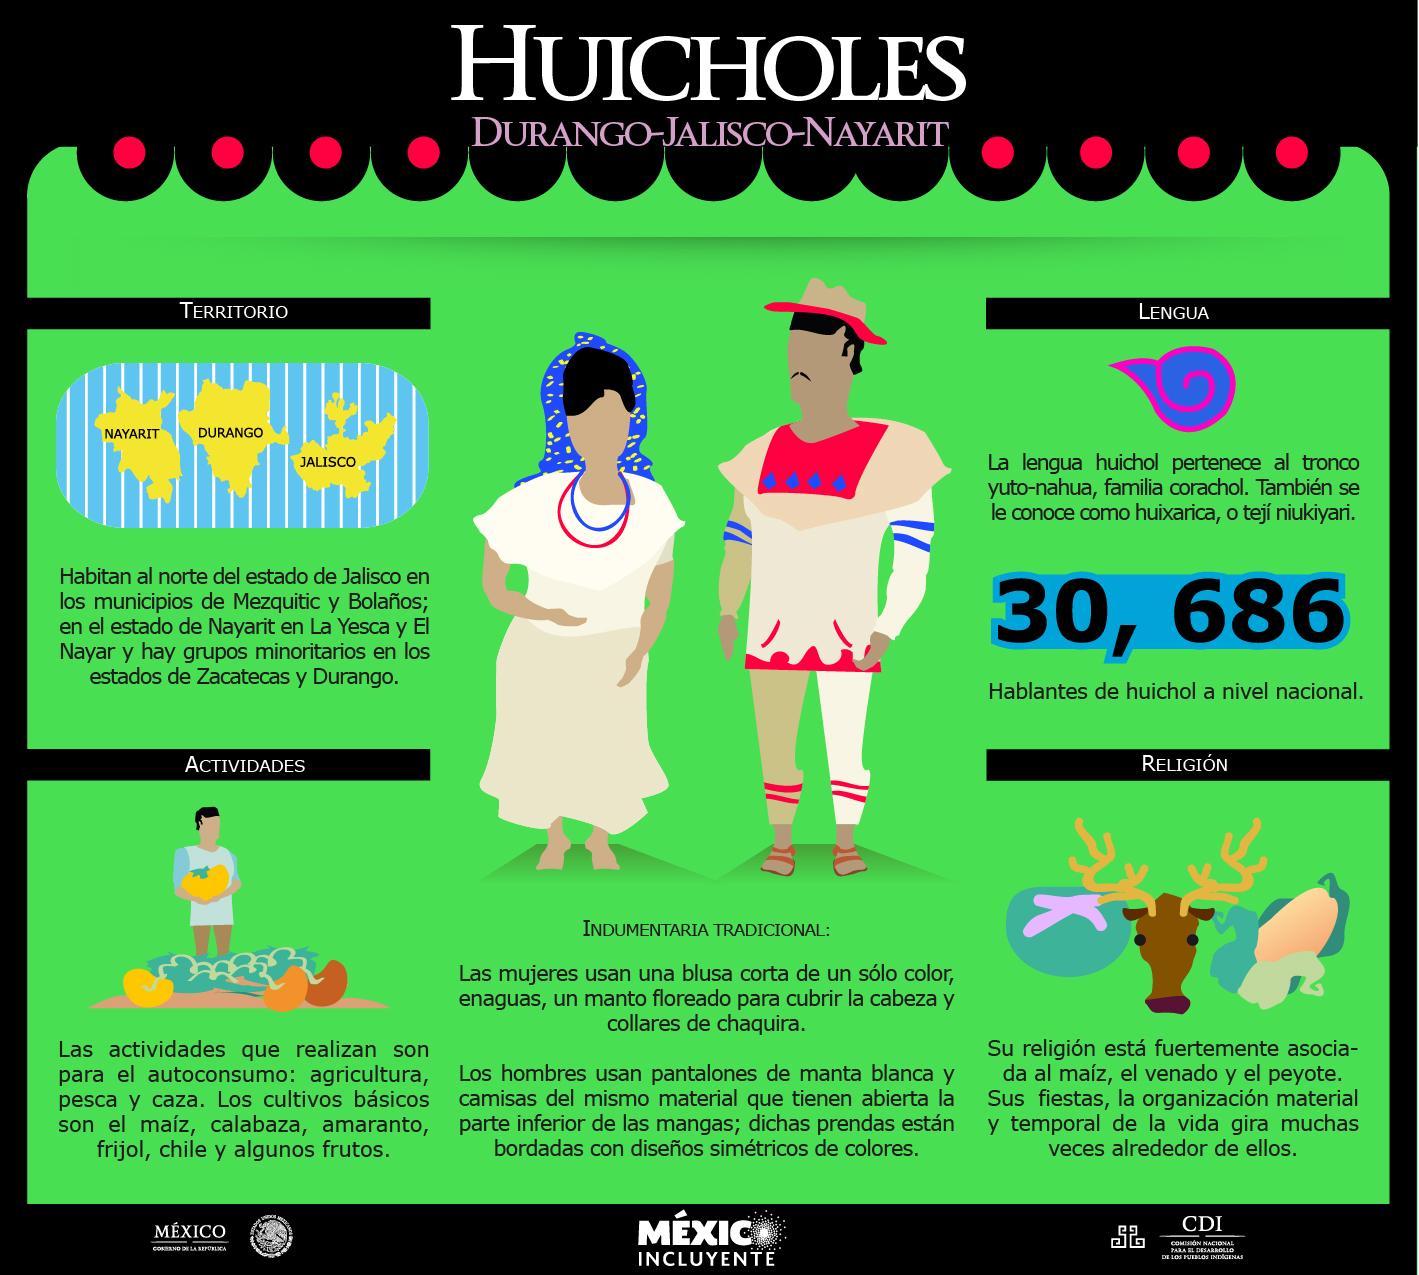 Huicholes1.jpg